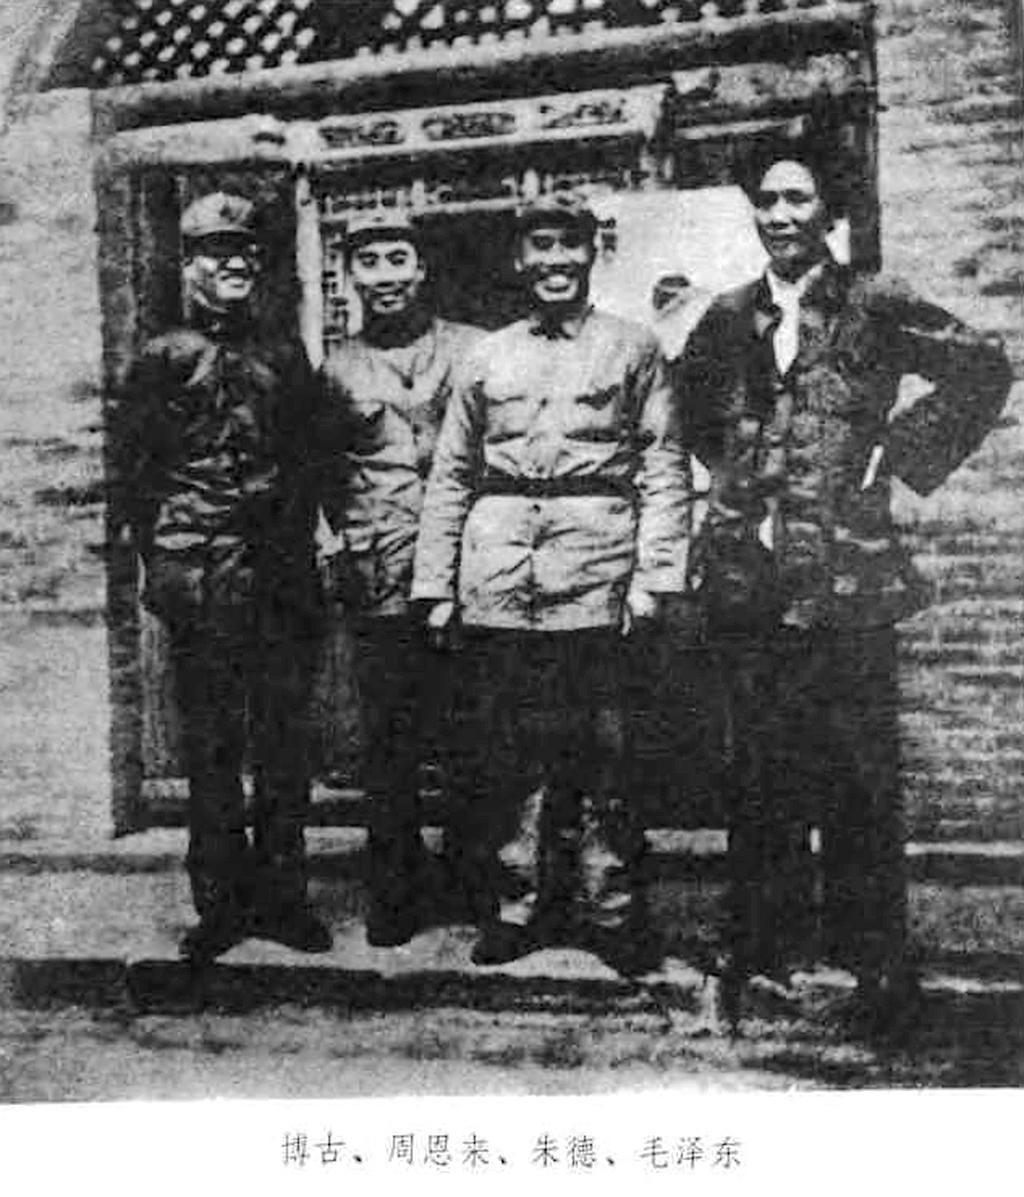 毛泽东、朱德、周恩来、博古合影.jpg